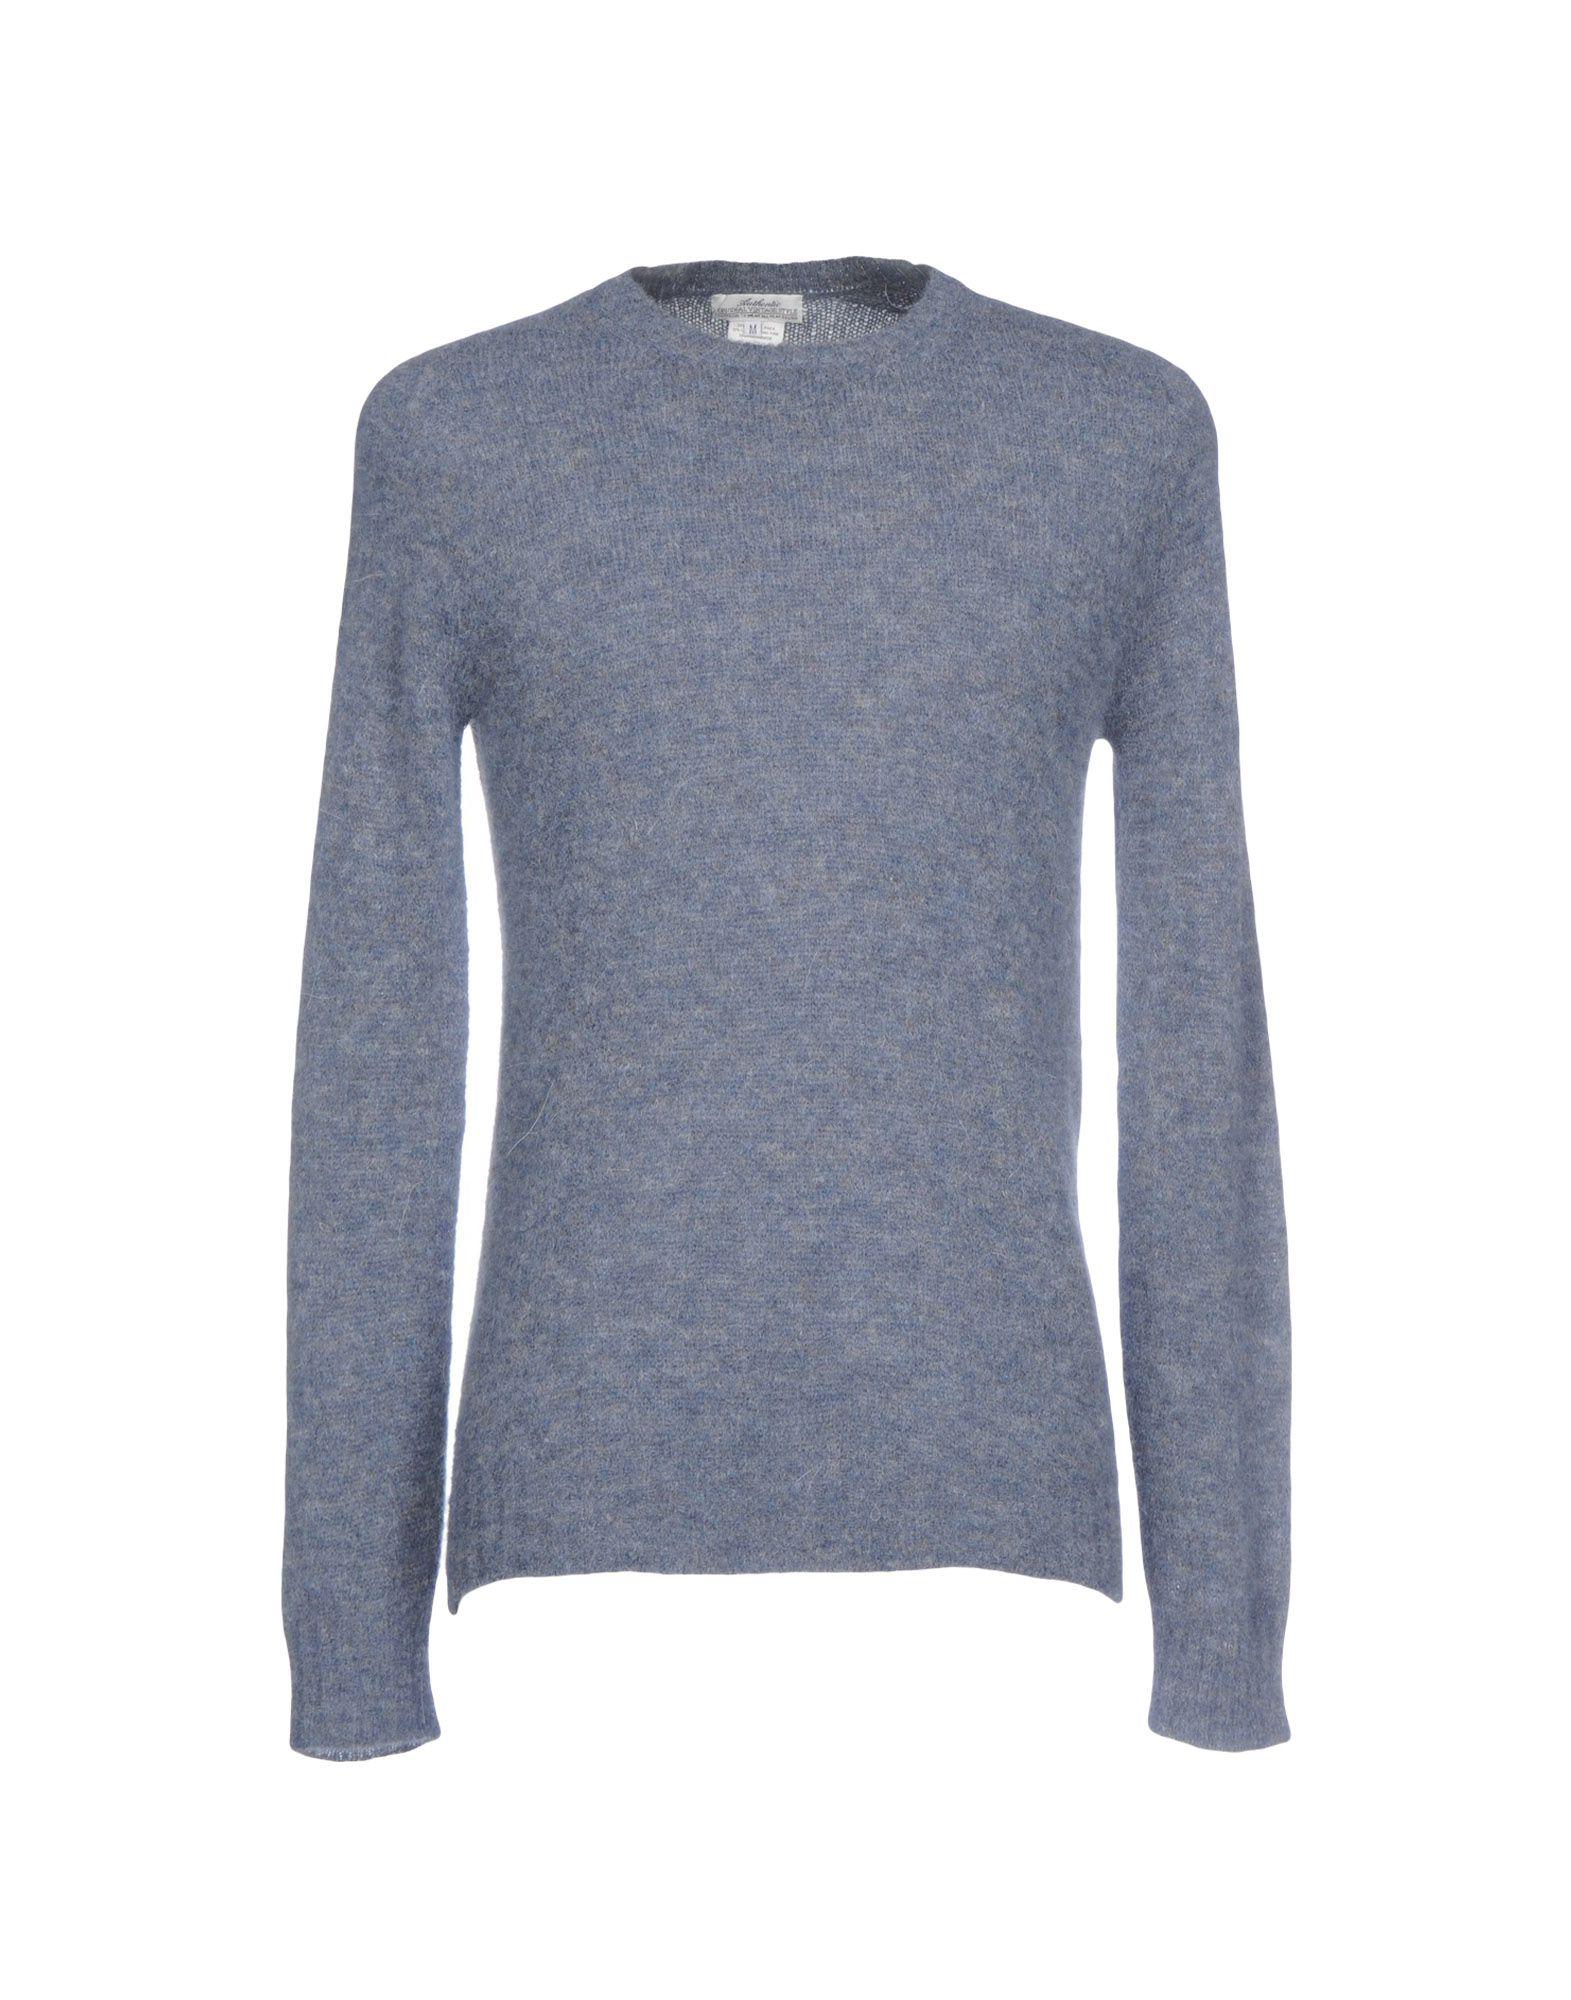 AUTHENTIC ORIGINAL VINTAGE STYLE Herren Pullover Farbe Taubenblau Größe 8 jetztbilligerkaufen